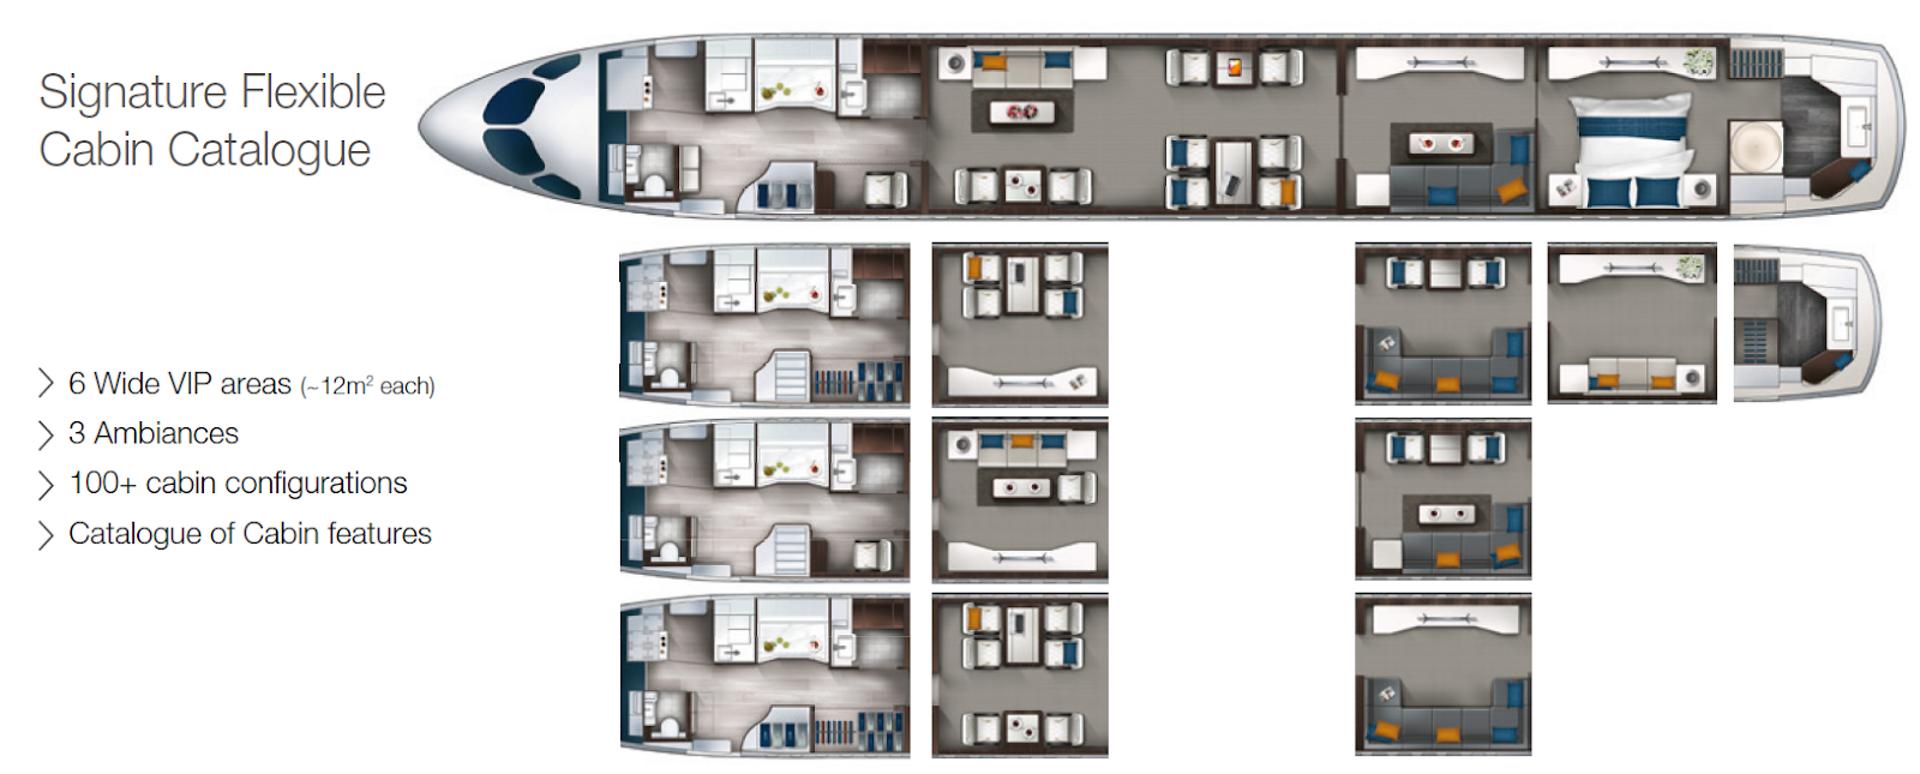 Flexible Cabin Catalogue